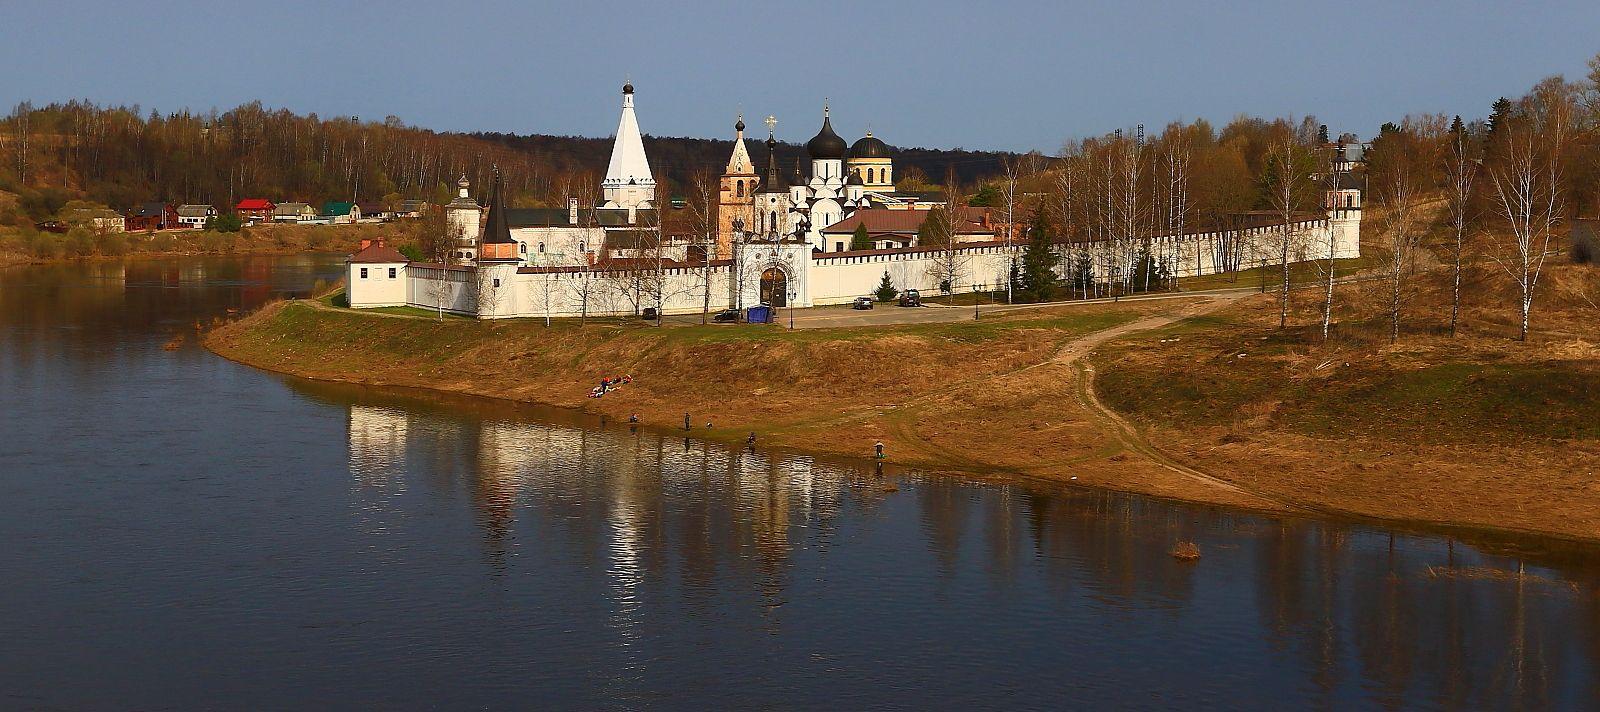 Старицкий Свято - Успенский монастырь. Старица Старицкий Свято Успенский монастырь храм Волга пейзаж